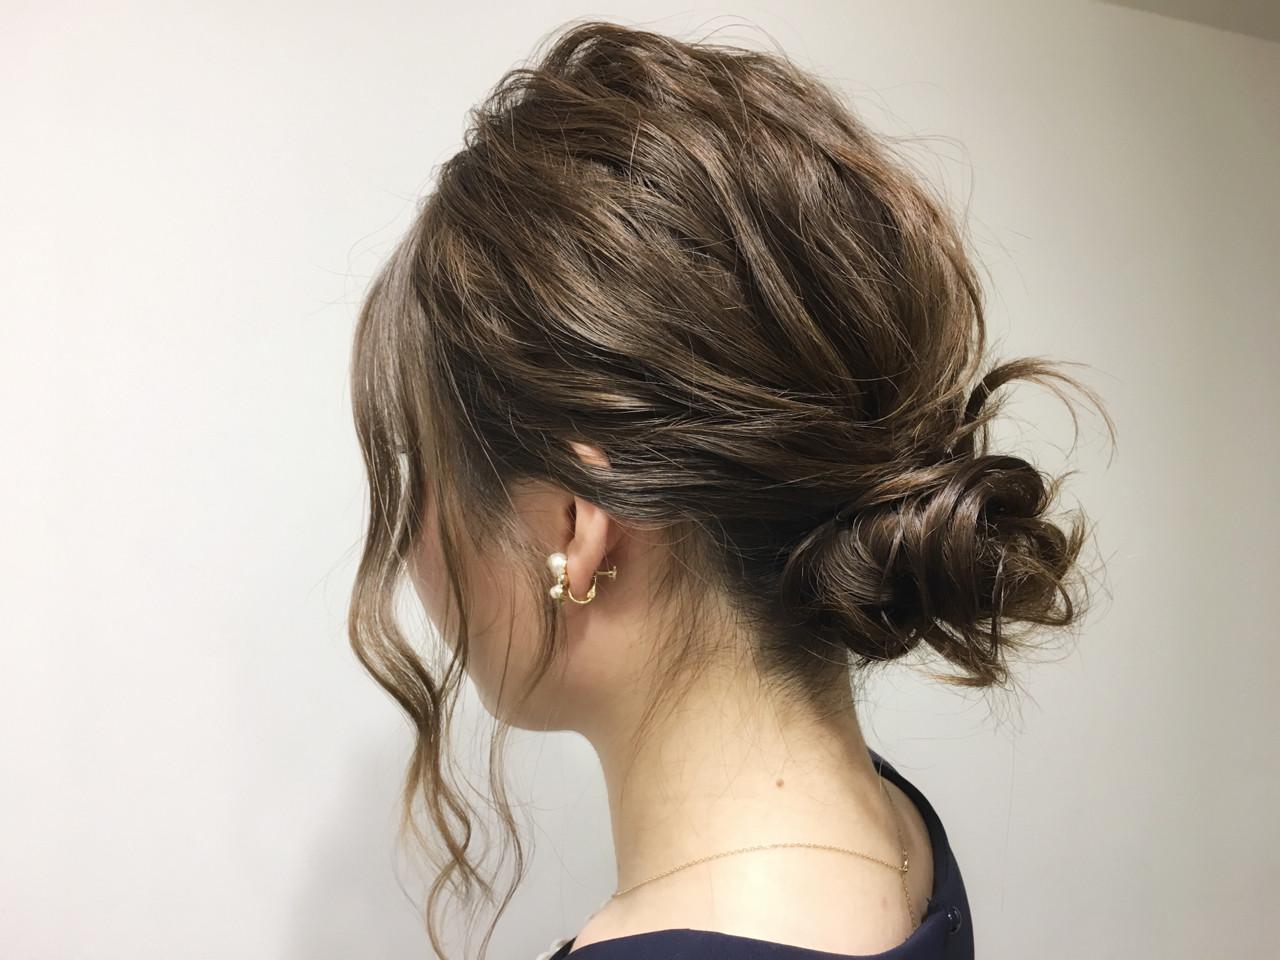 簡単ショートヘアアレンジはバリエ無限大♡短い髪でもデキる! 山﨑 礼仁/ allys hair 心斎橋OPA①トップ、サイドの髪の毛は軽く巻いてくせをつけておきます②バランスを見て下の方で後ろ髪をまとめます③トップとサイドの毛をルーズにまとめます④後ろのゴムが丸見えの場合、つけ毛を巻き付けなじませます計算されたルーズヘアでパーティーの主役に。髪の長さでバックのアレンジも変えてみてくださいね。